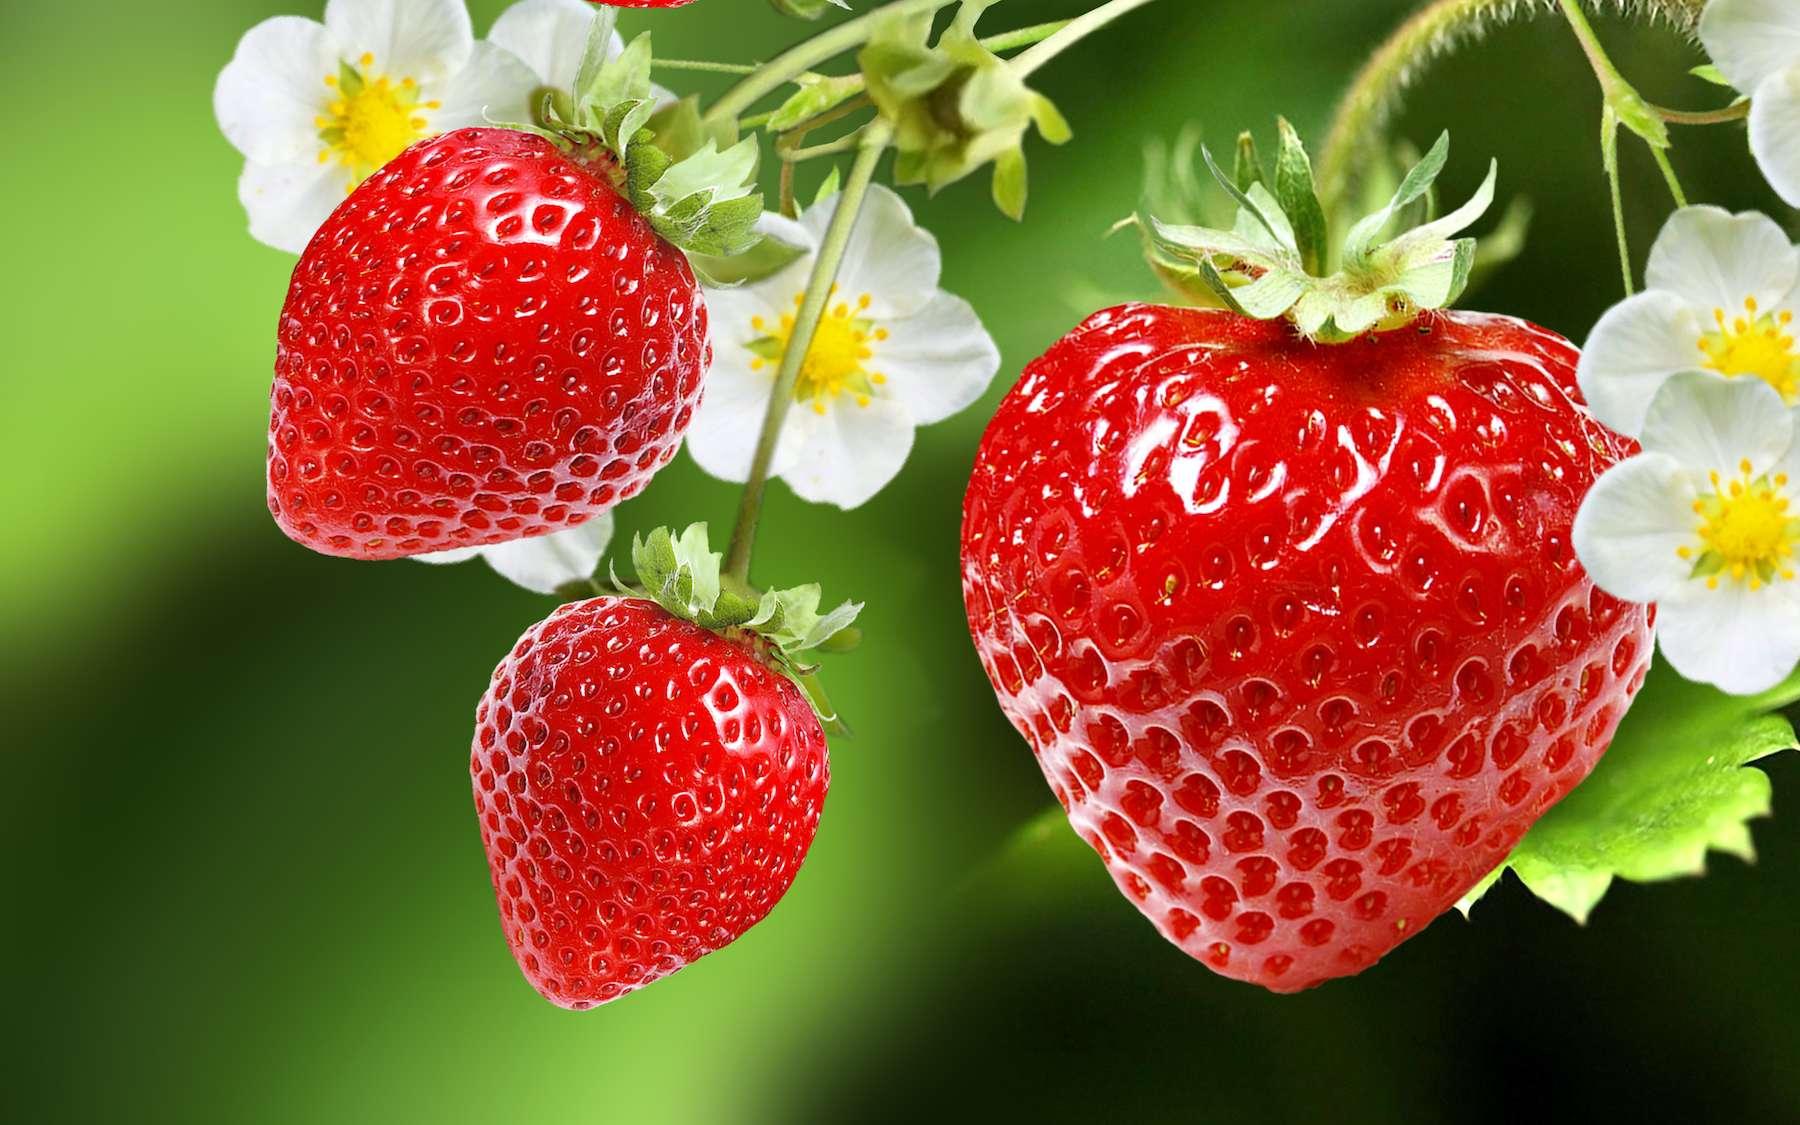 La partie rouge de la fraise n'est pas le fruit du fraisier au sens botanique. © red150770, Adobe Stock